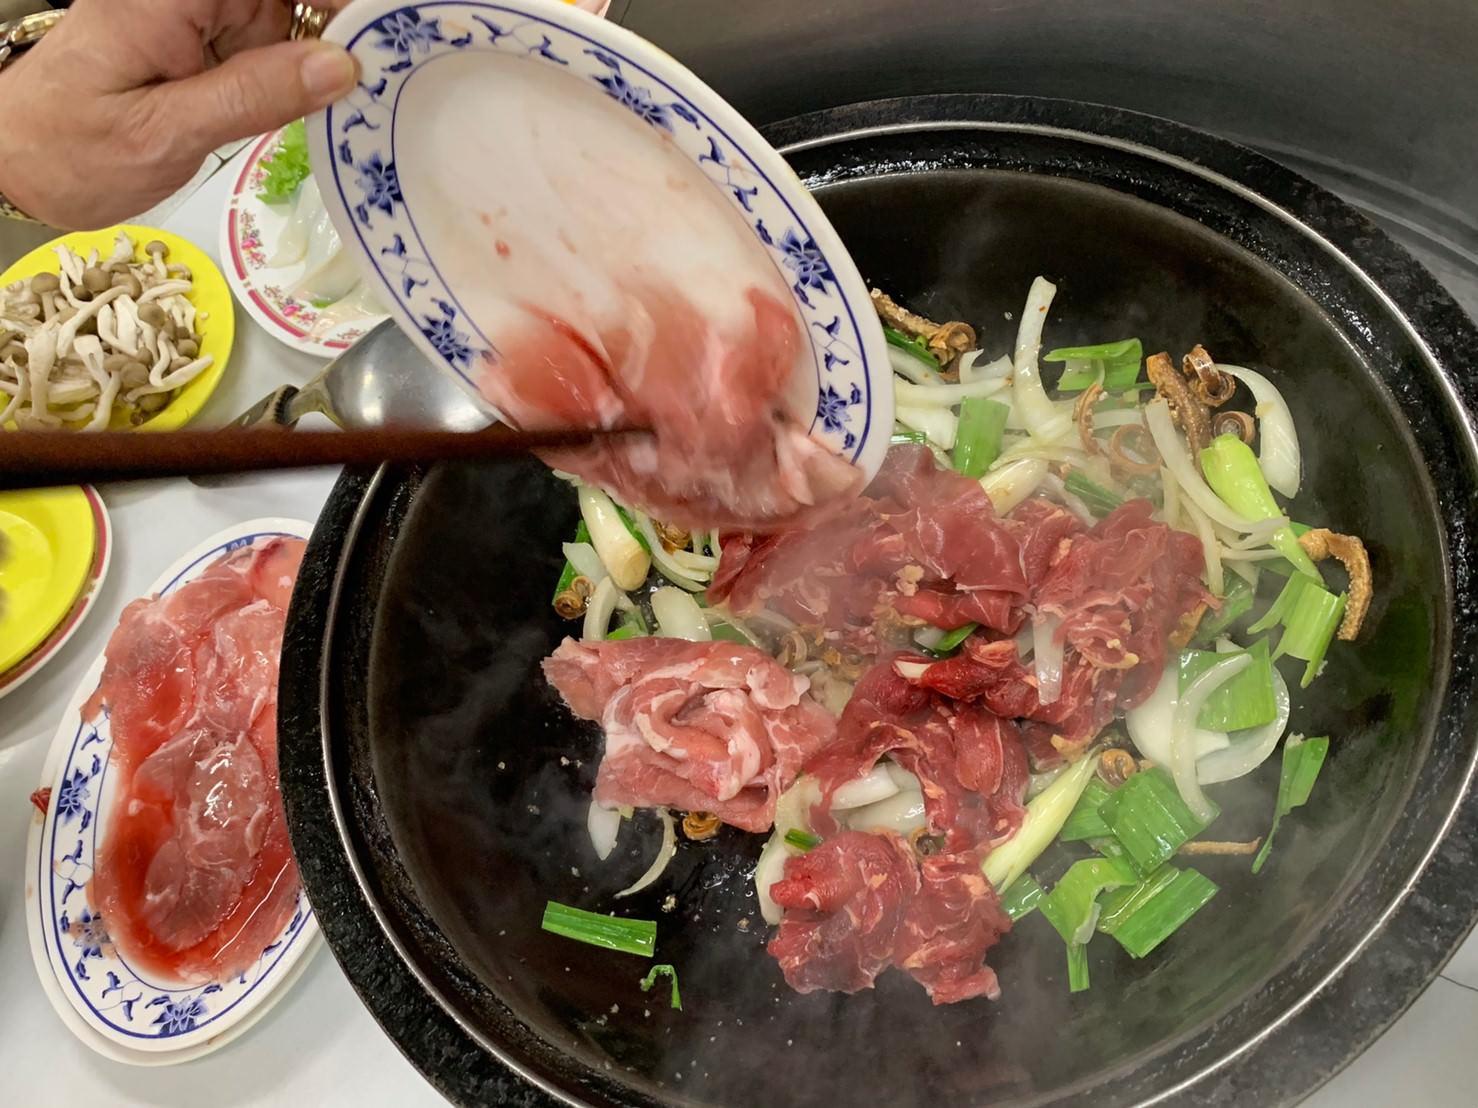 南京三民石頭火鍋 :: 小紅莓火鍋城 依盤子顏色計價,不接受訂位的40年個性老店